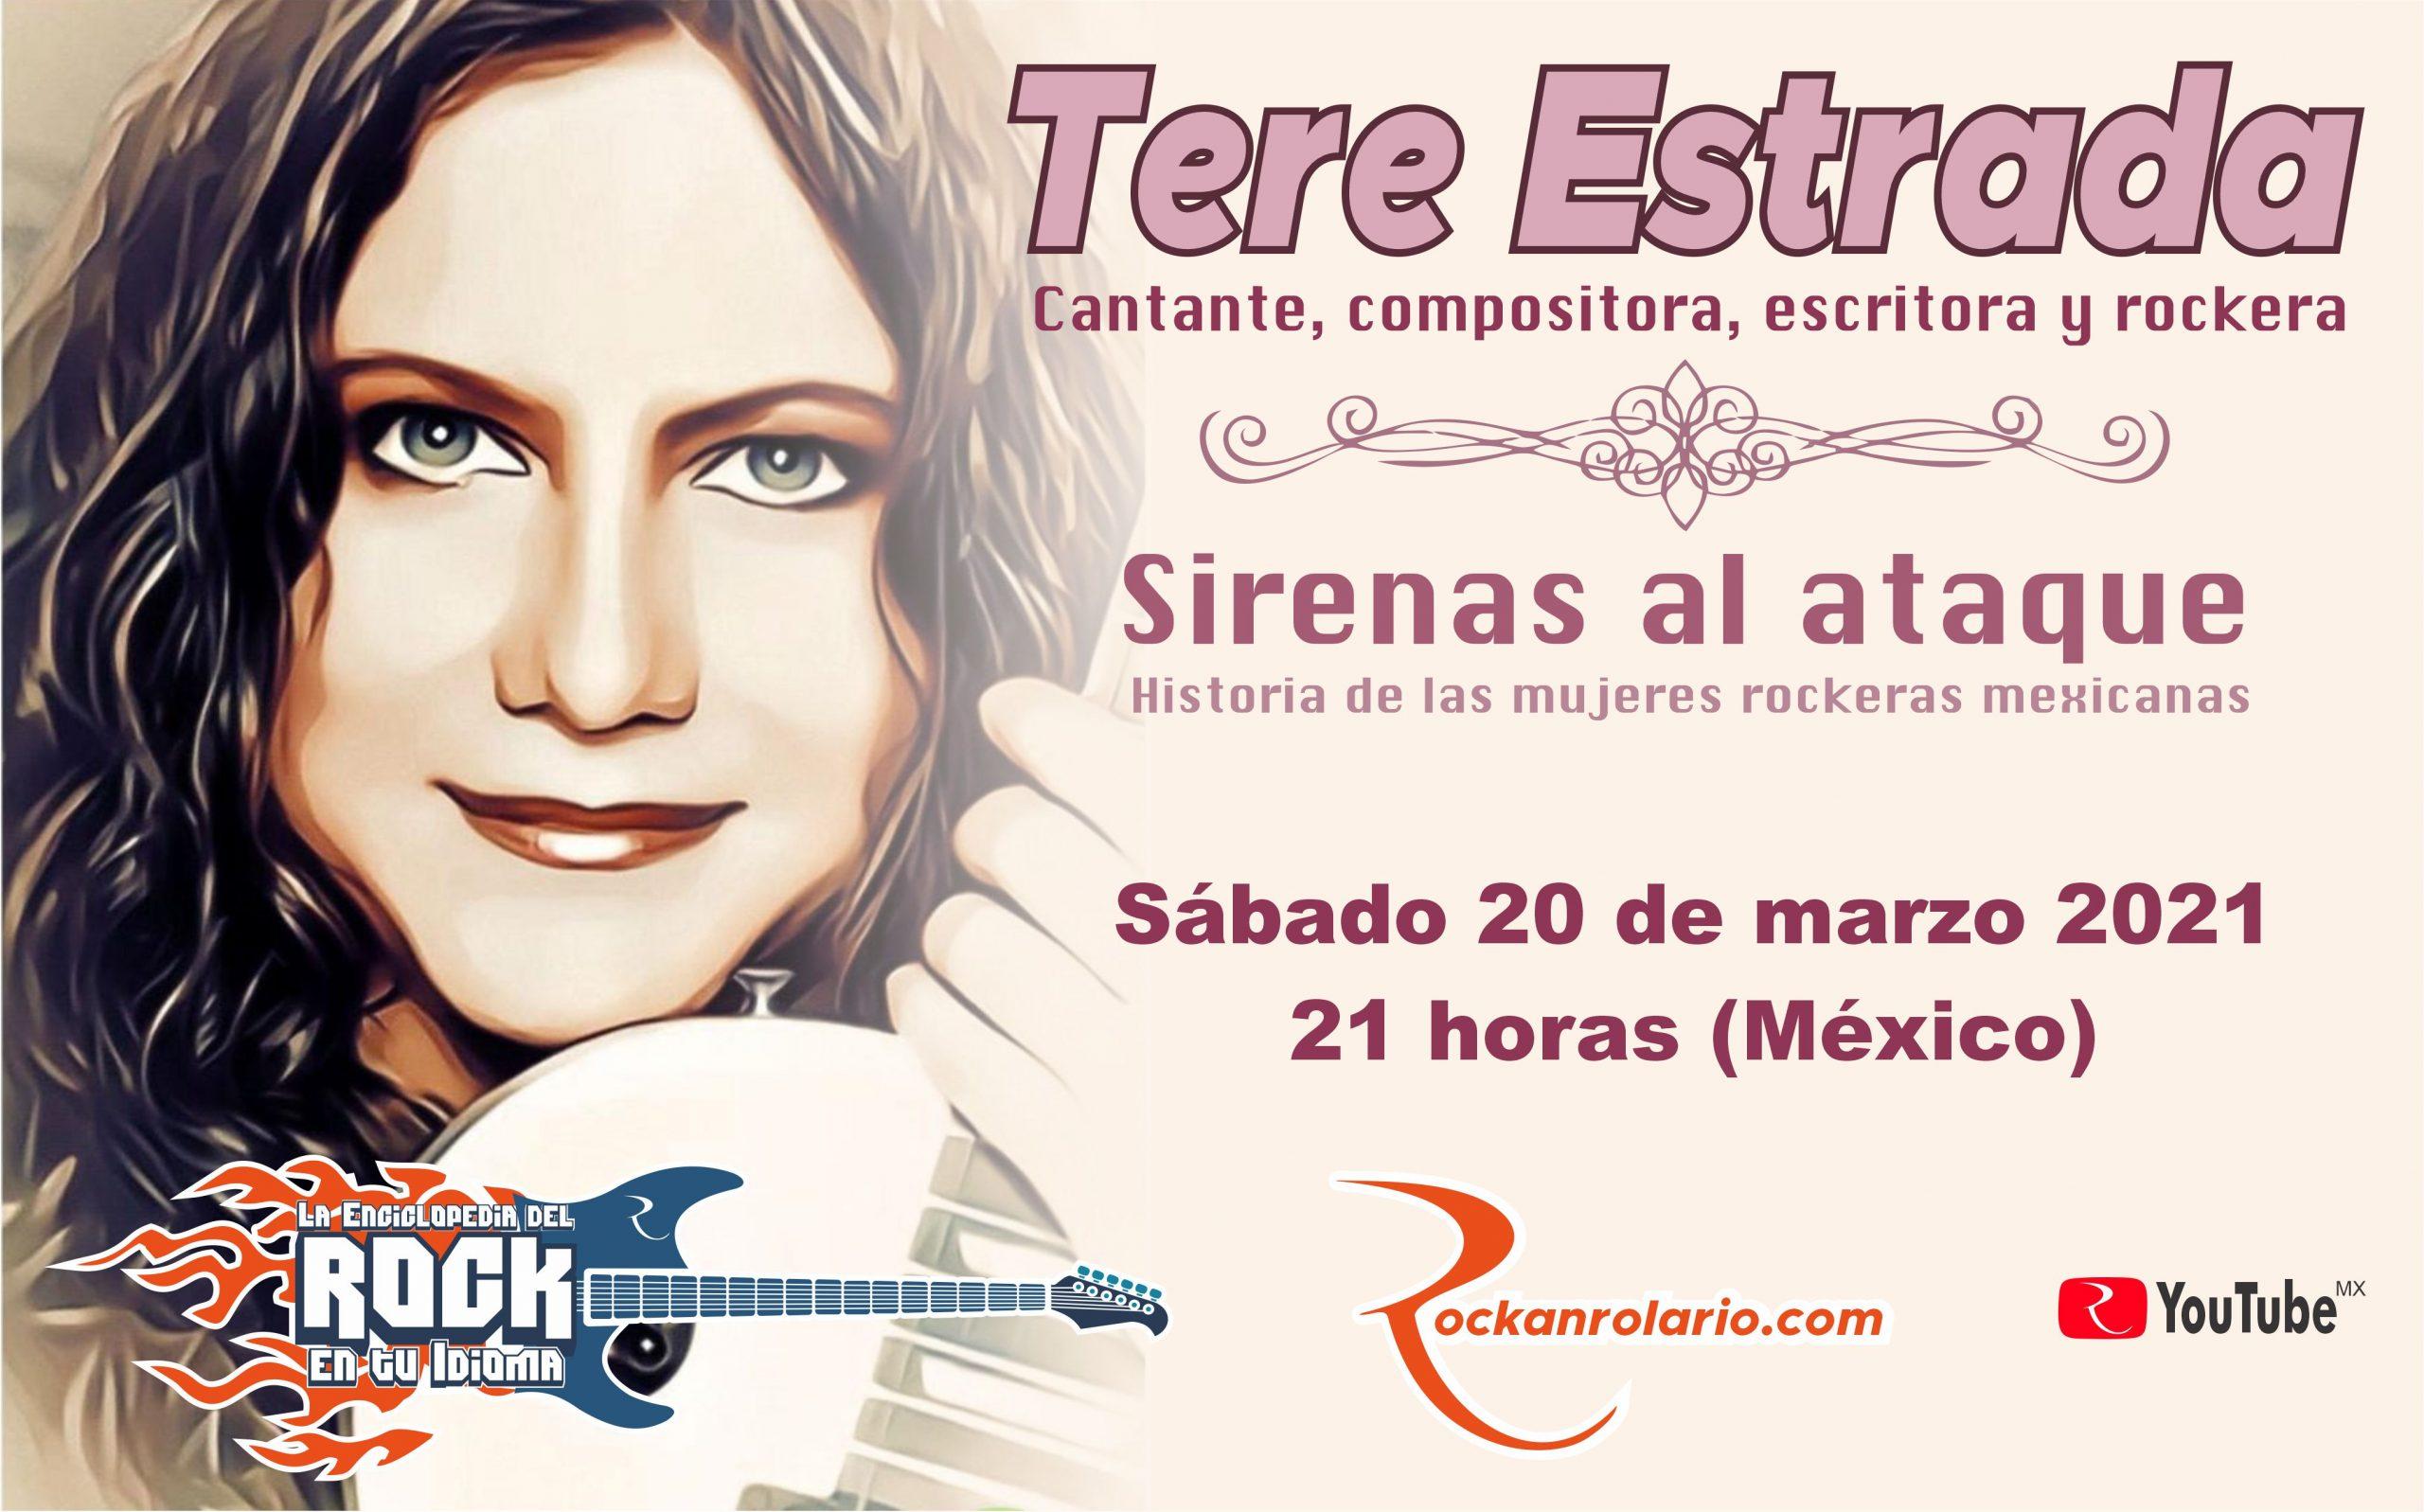 #Enciclopedia – Tere Estrada